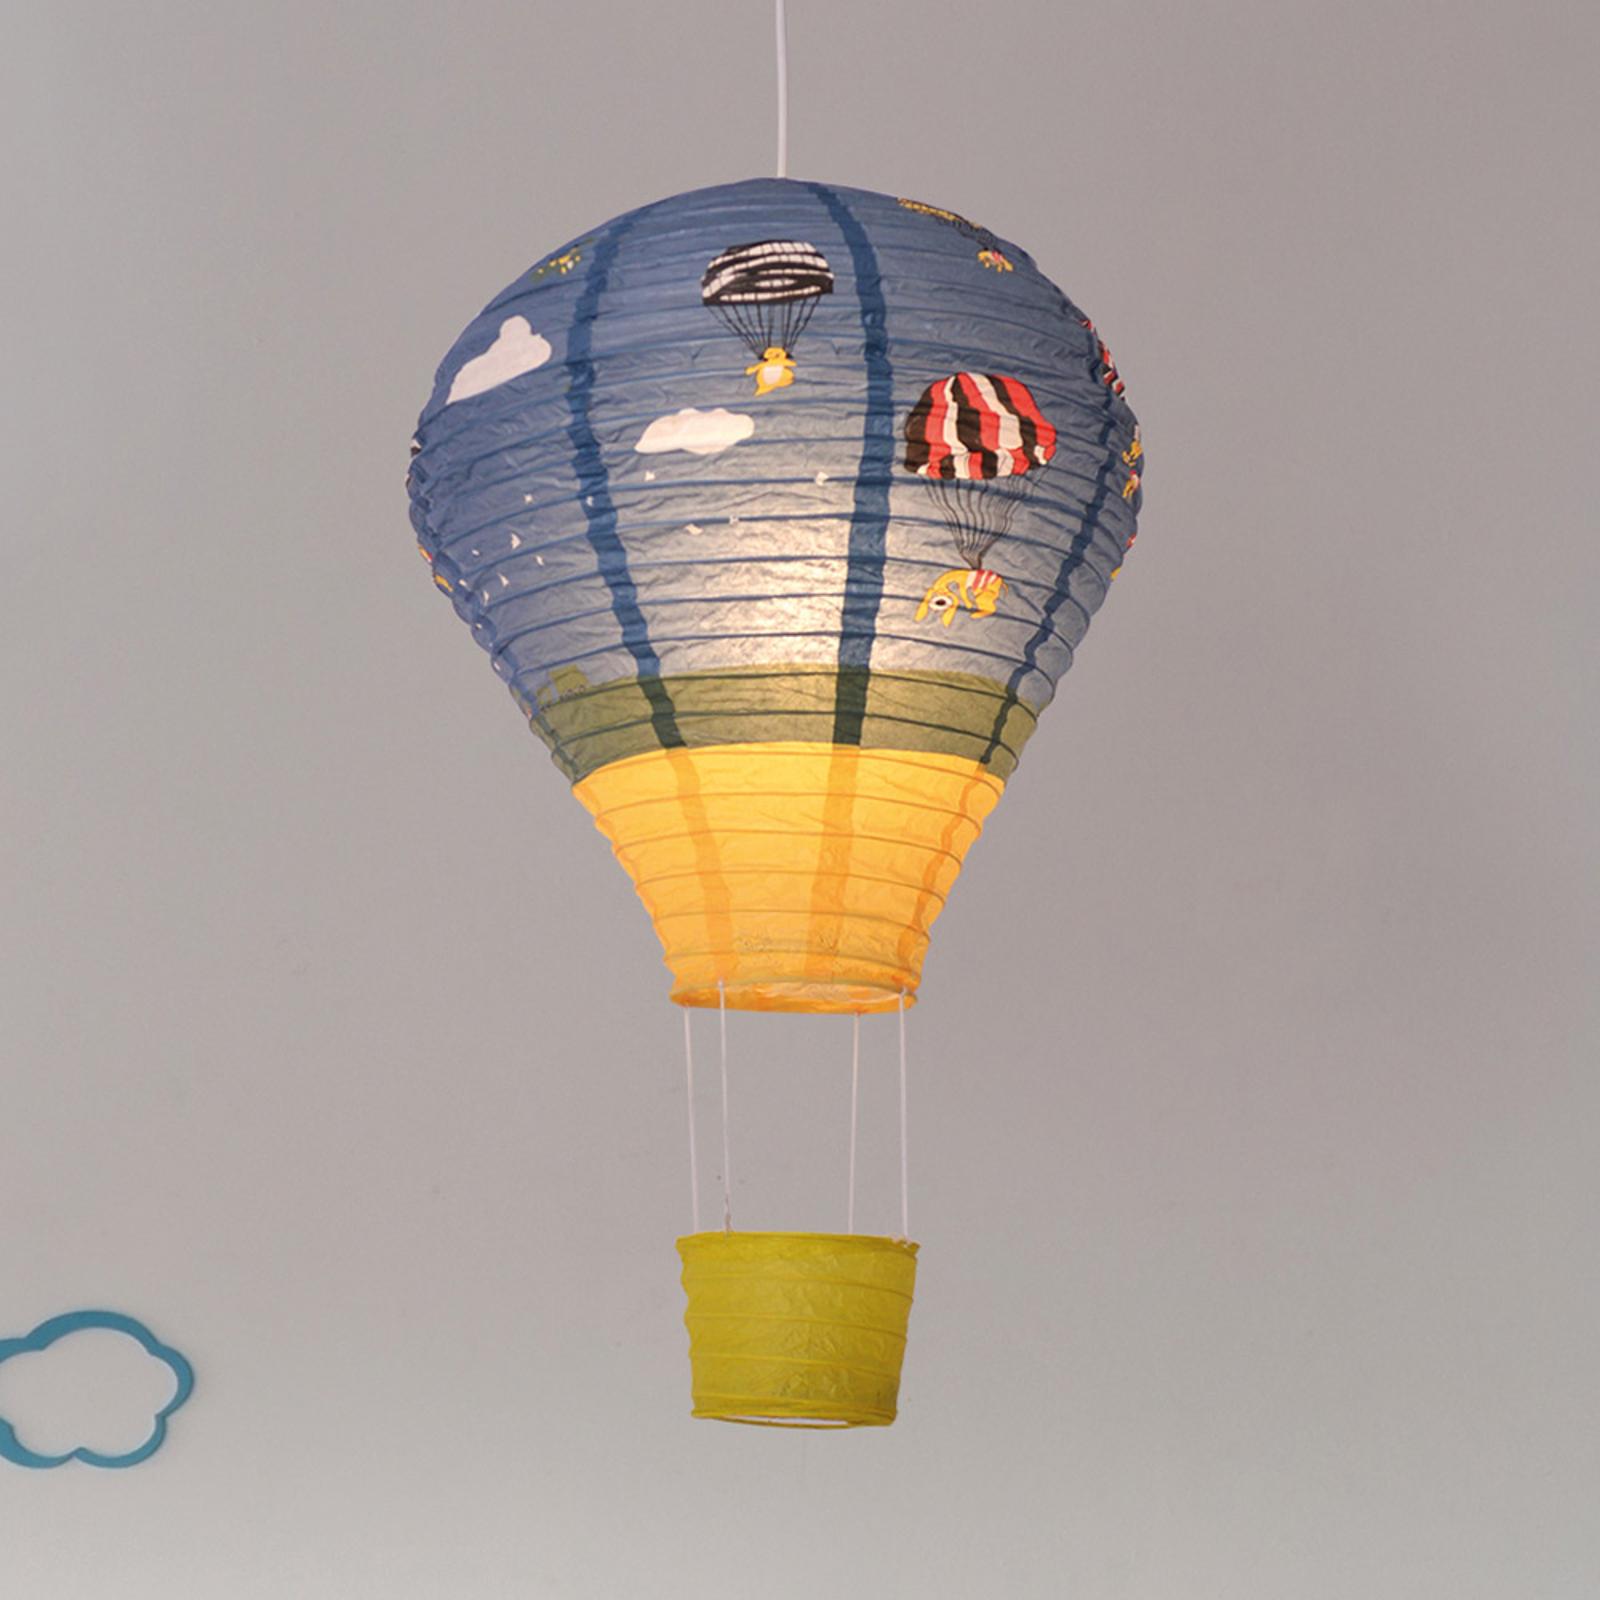 Ballon hængelampe af rispapir